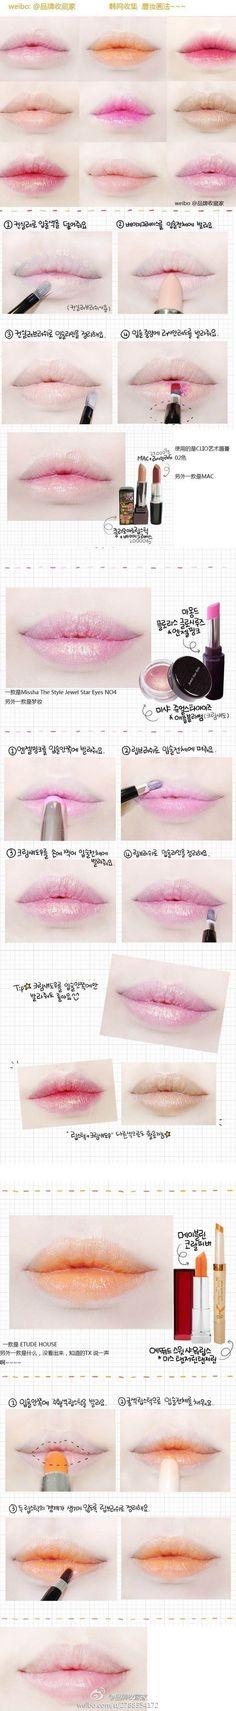 Korean make up || ⭐️⭐️ www.AsianSkincare.Rocks